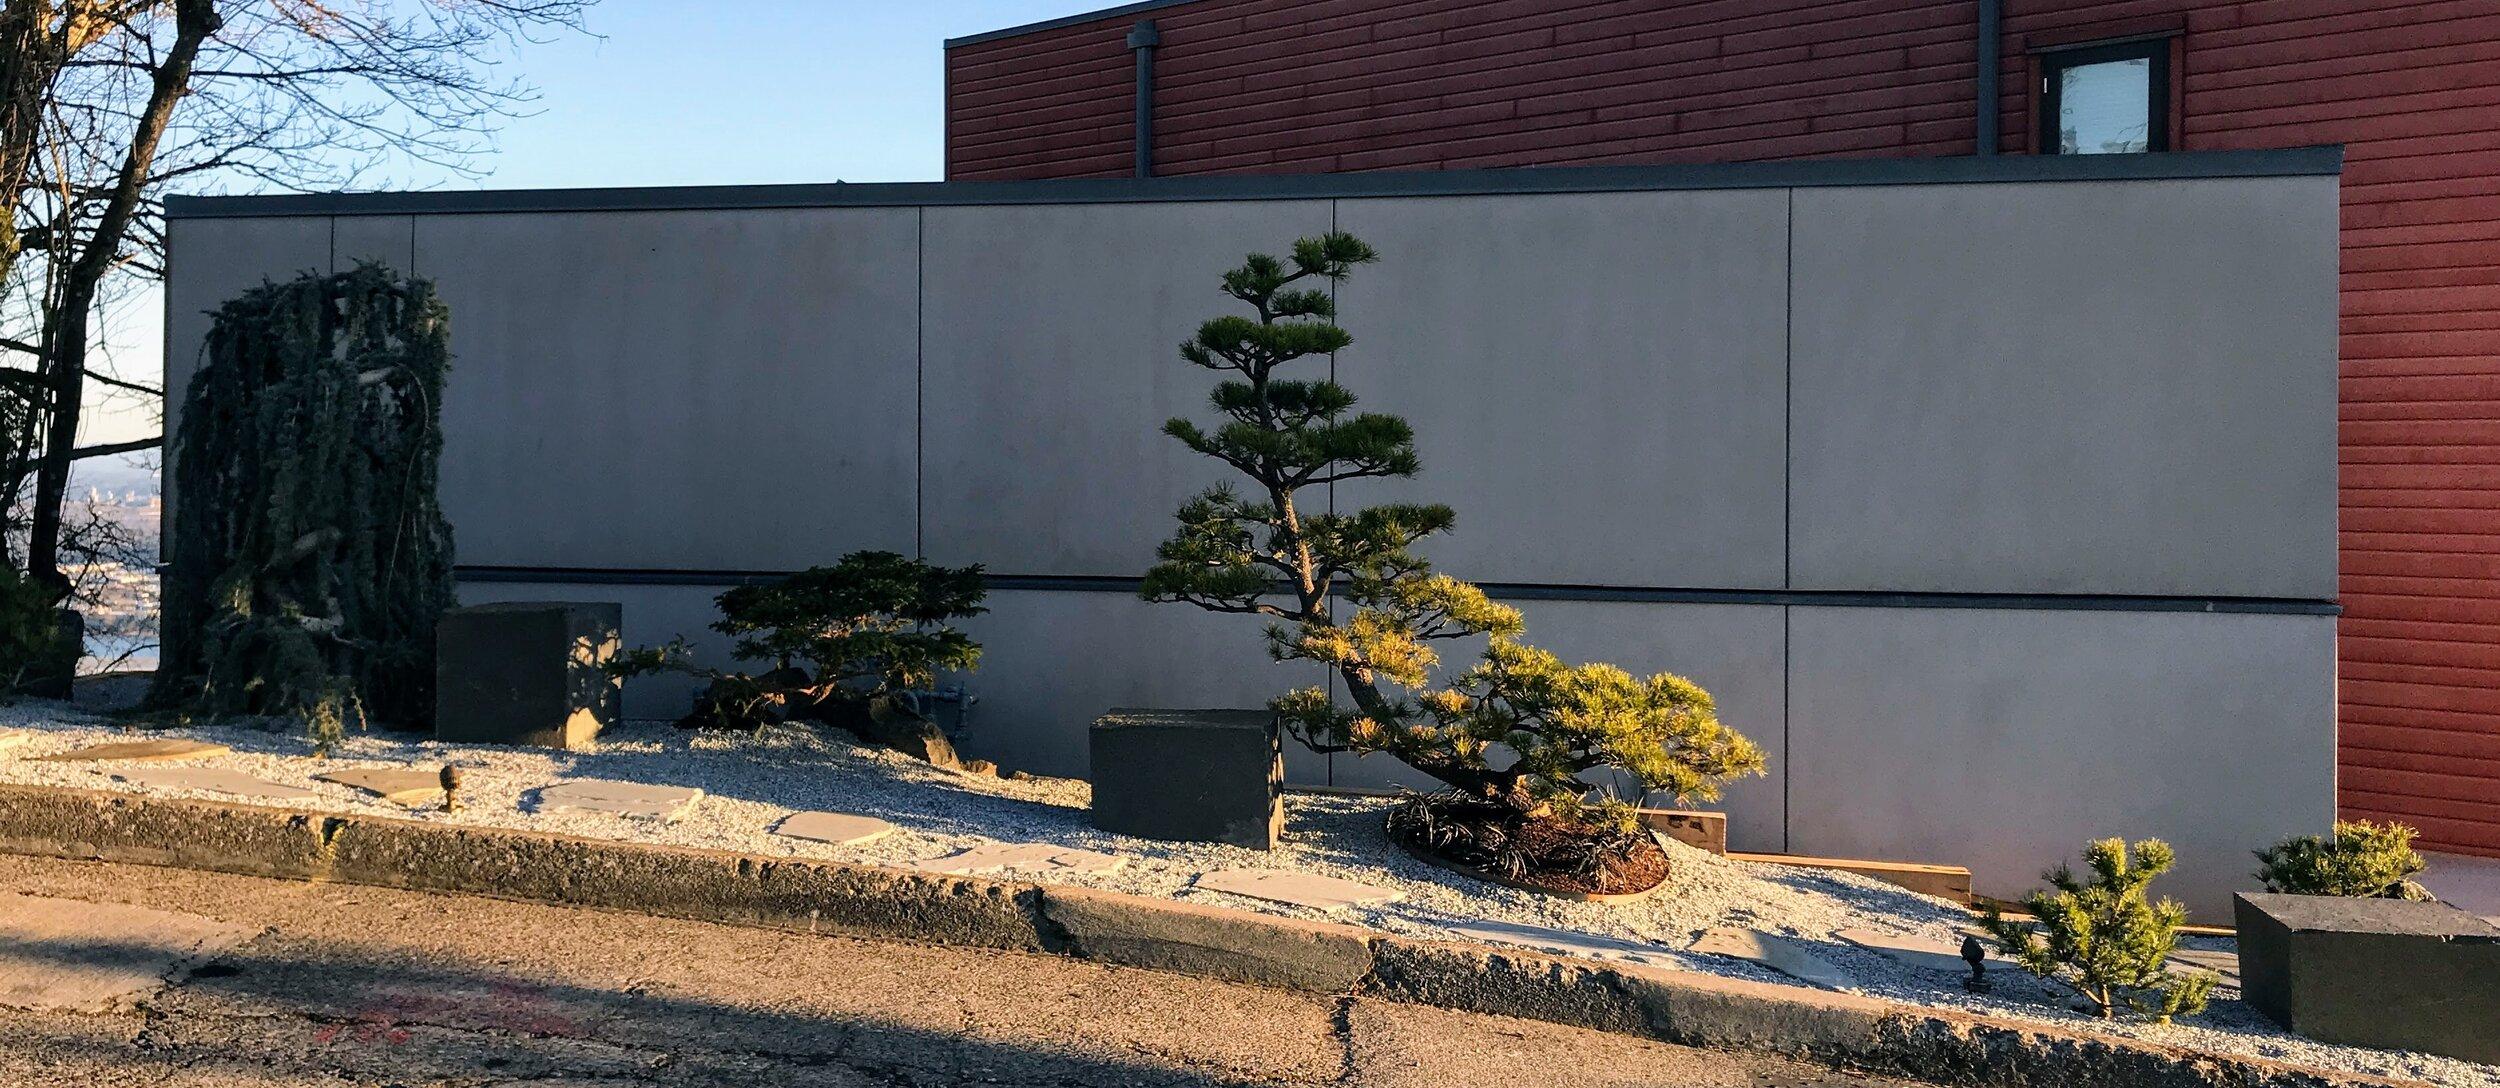 Are You Sure Want A Low Maintenance Landscape